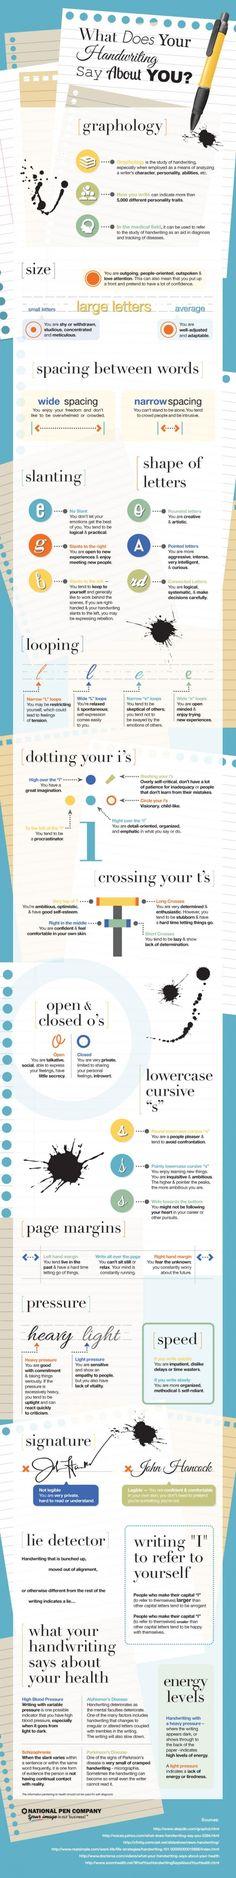 Graphologie / ce que votre écriture dit de vous. Je ne sais pas si c'est vrai, mais toujours intéressant à lire